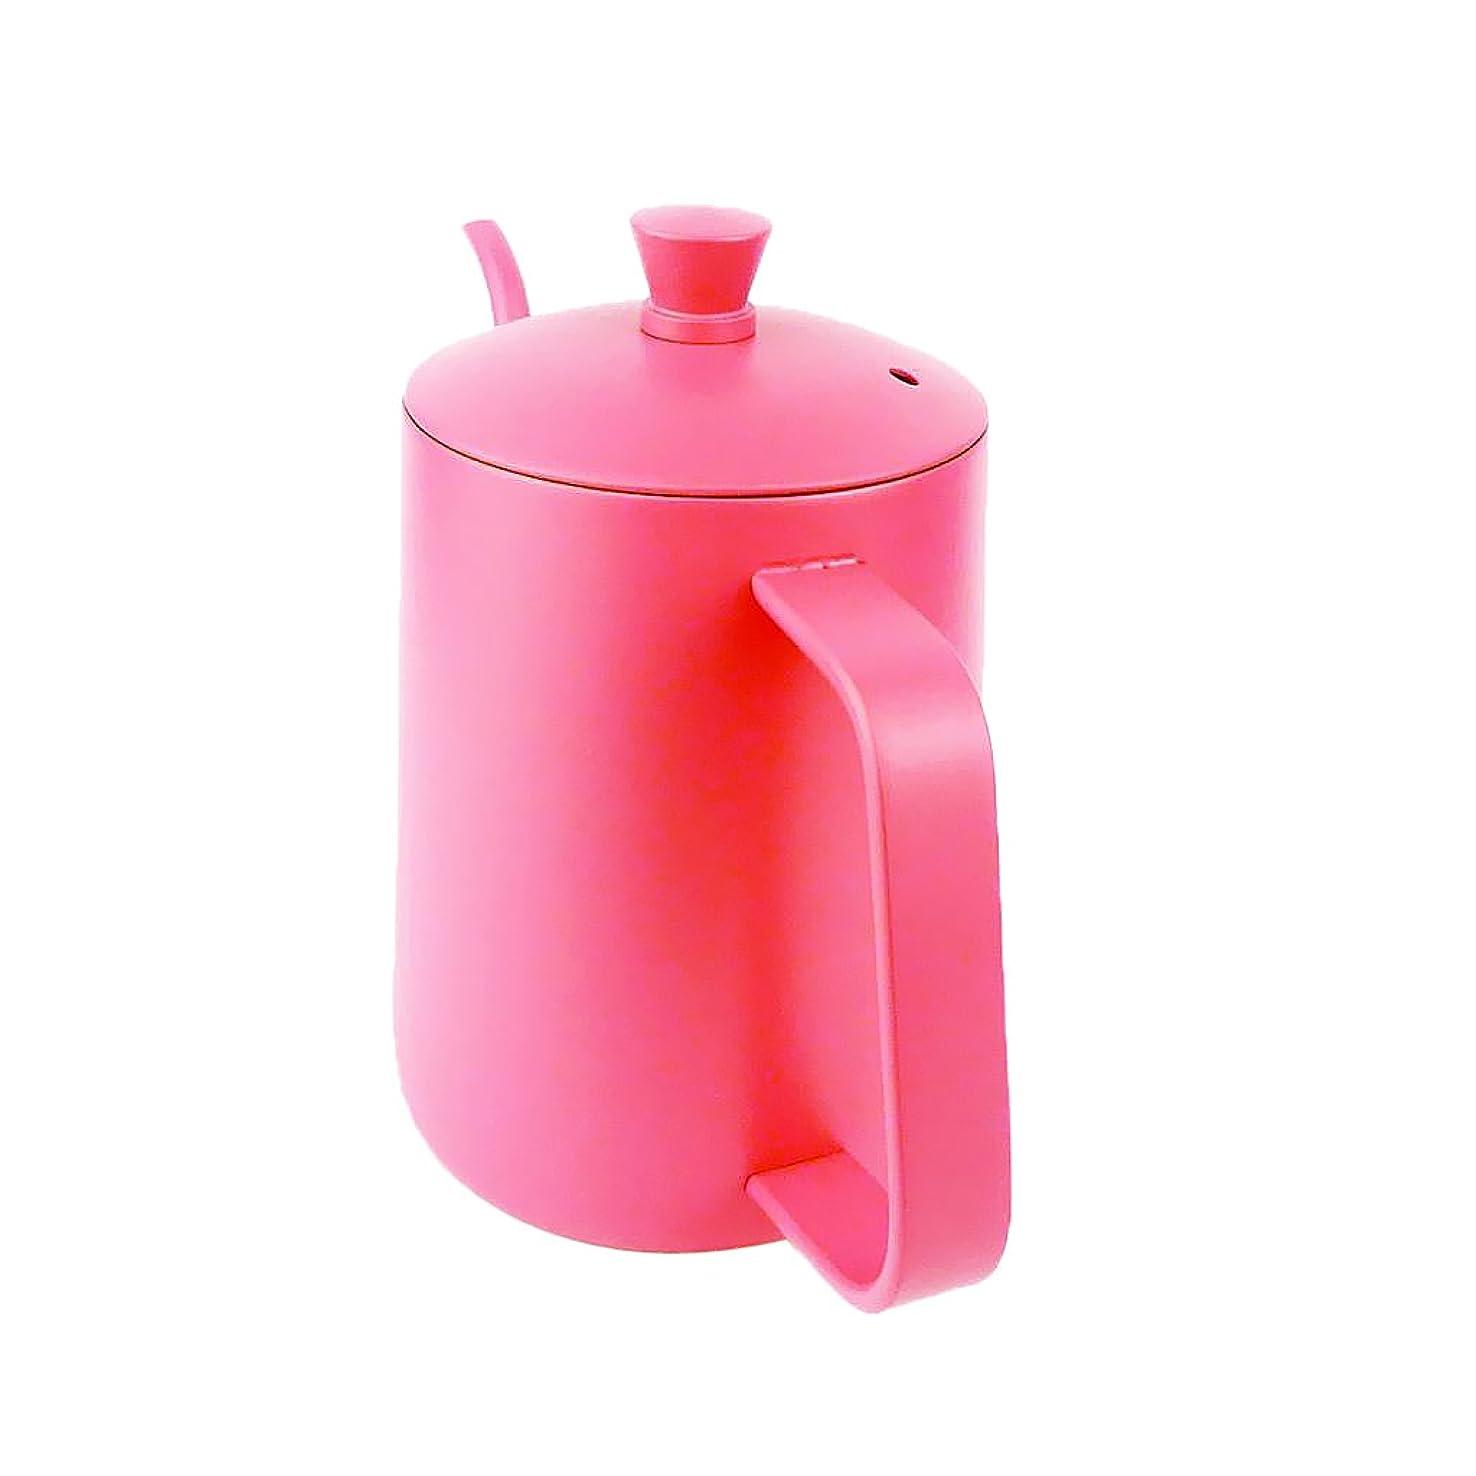 バーゲン歯痛上陸Homyl コーヒードリップ ケトル ドリッ プポット 細口 紅茶 温度計付き 5種選択 ステンレス製  - ピンク